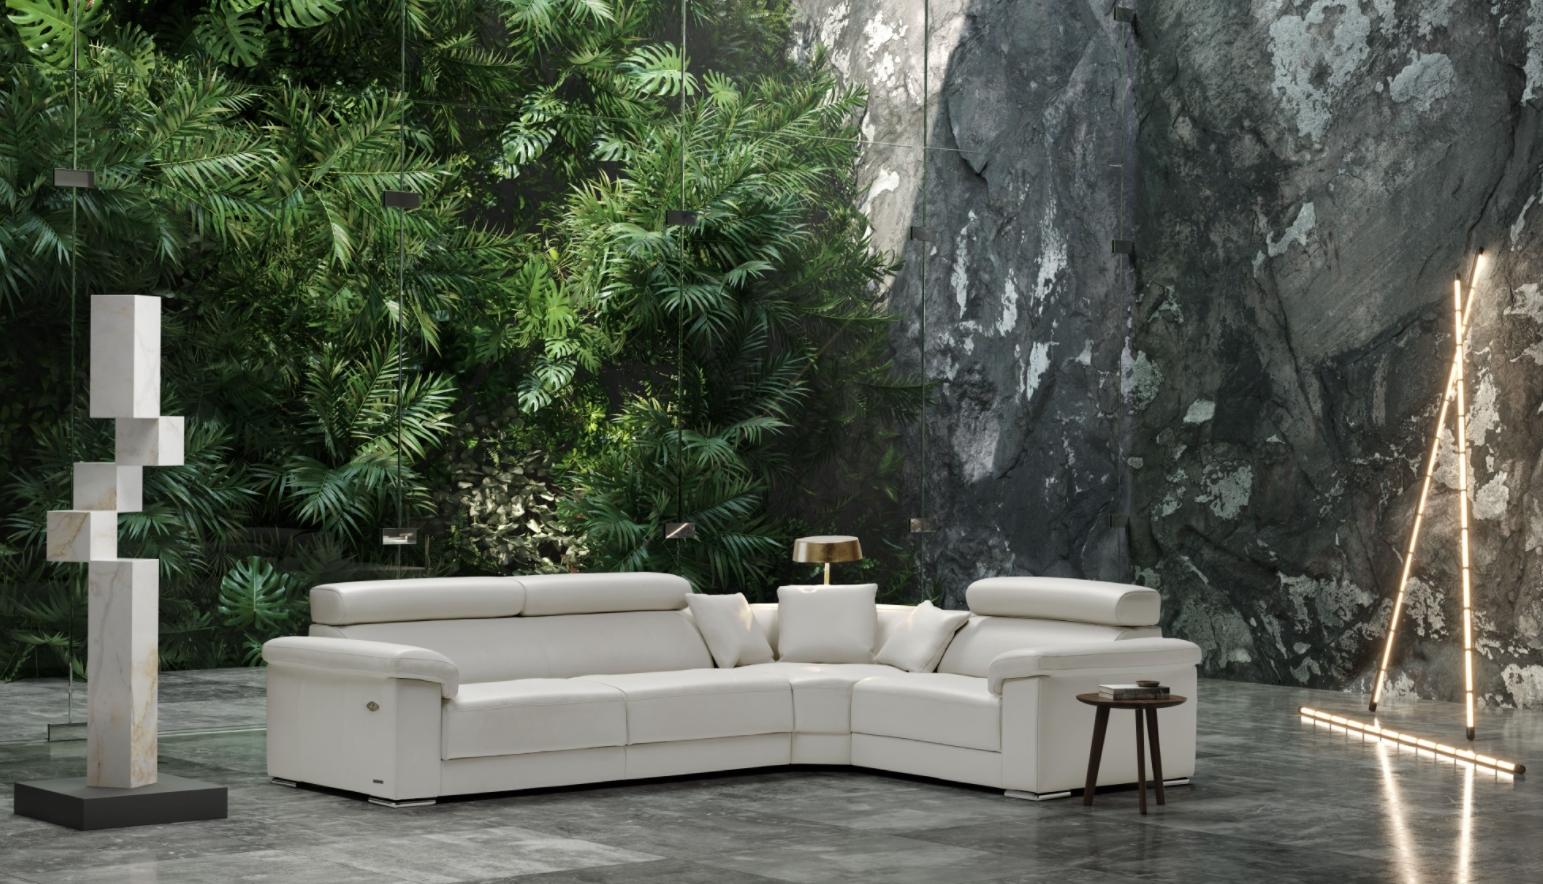 Cómo acertar al comprar un sofá para casa 4